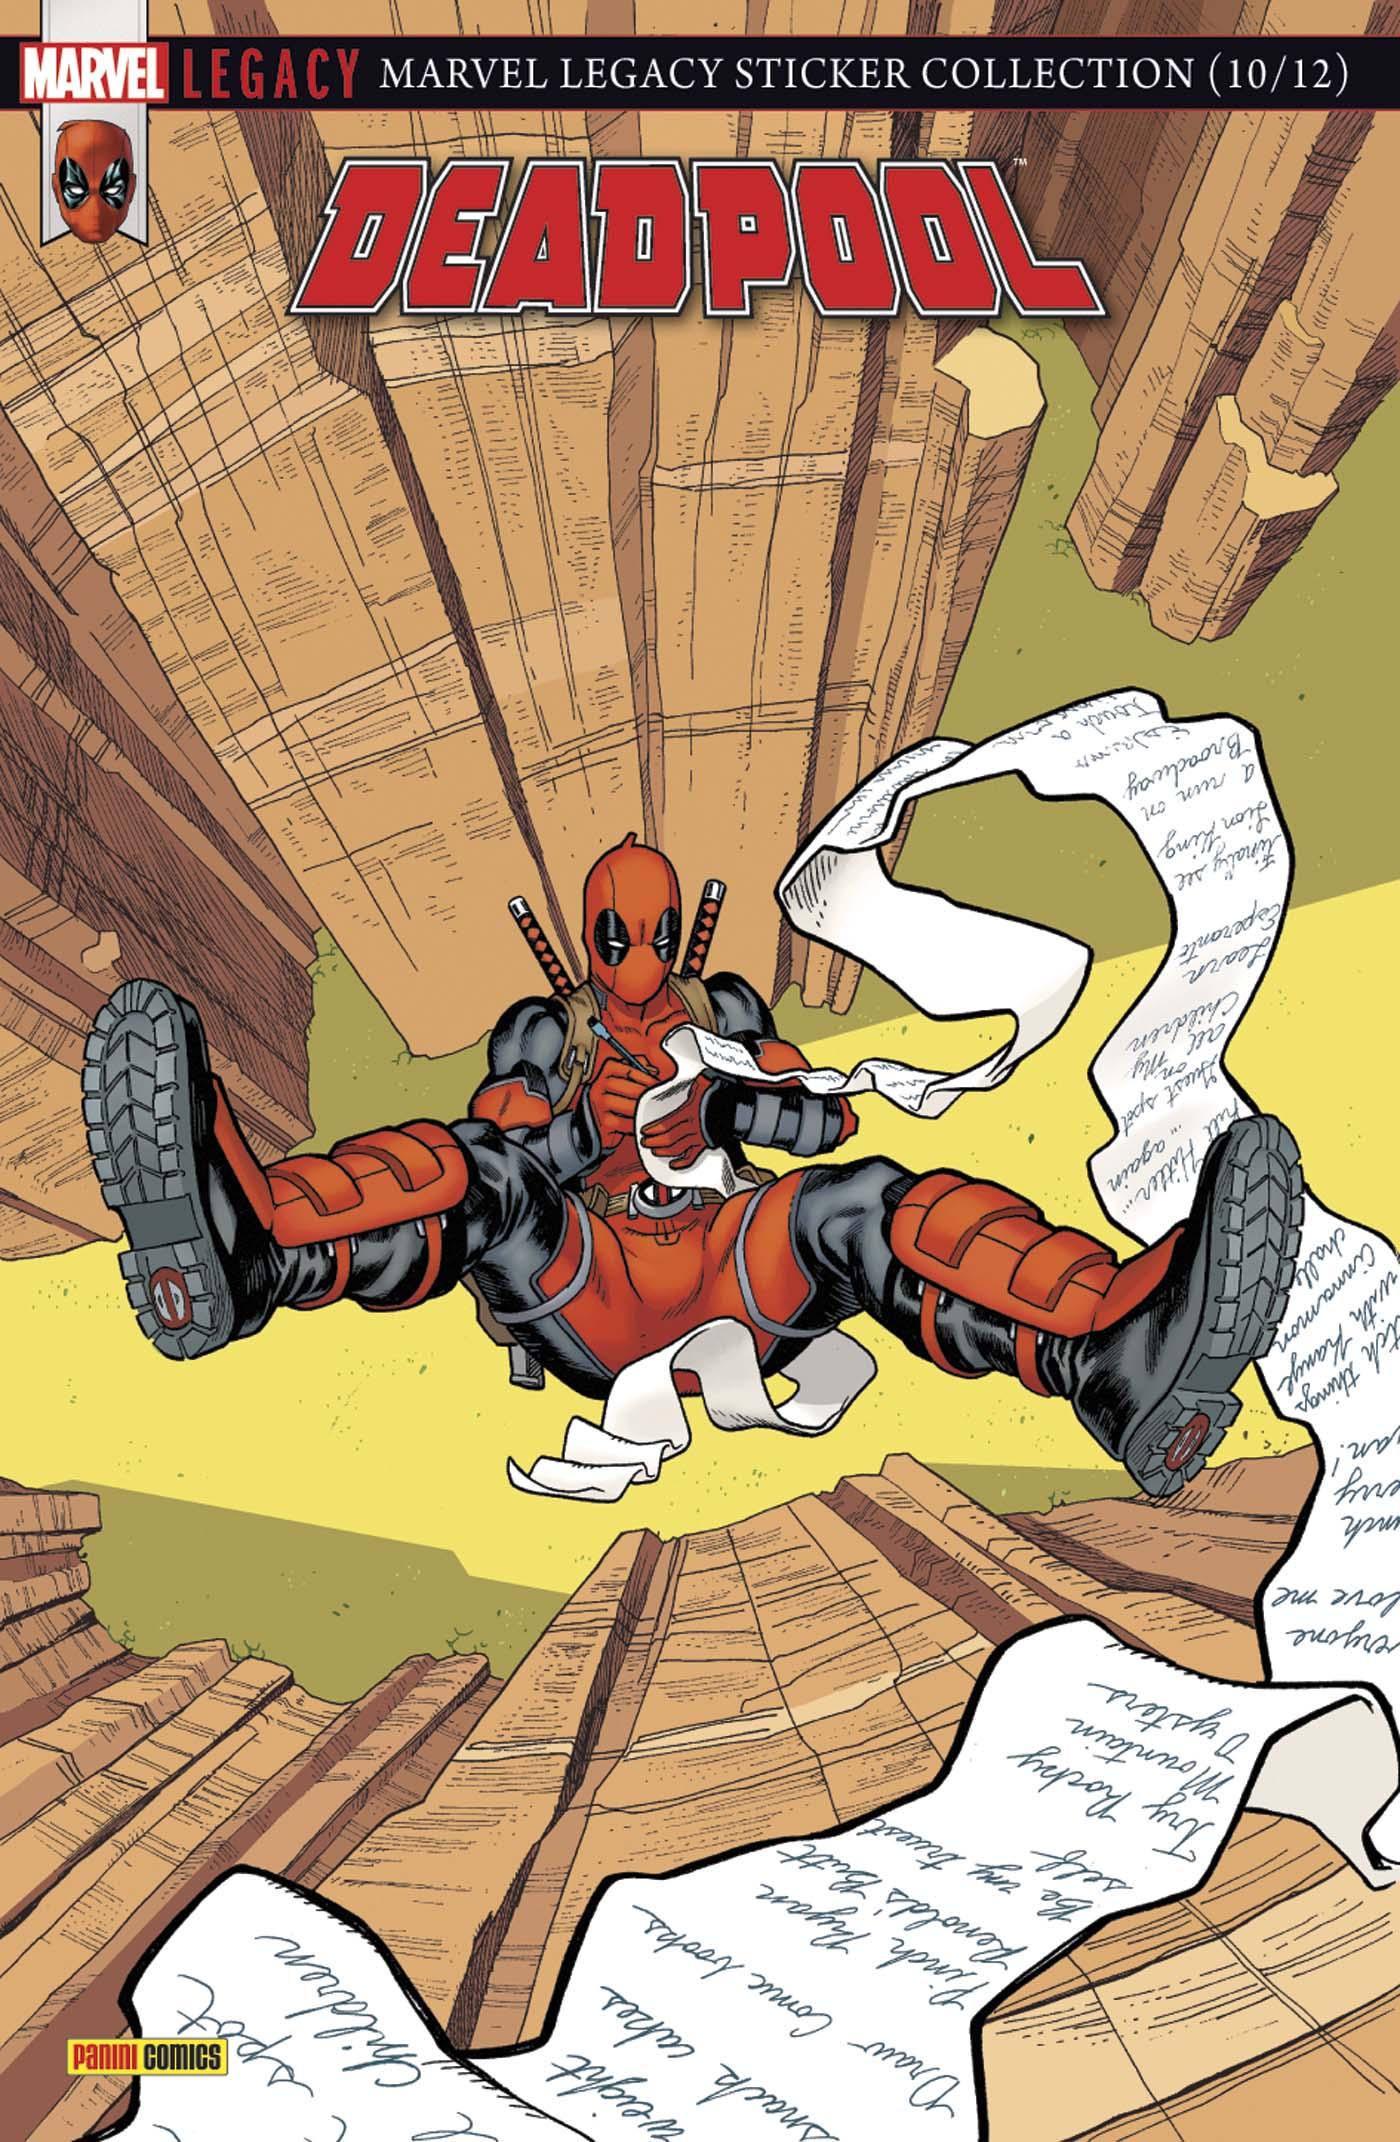 Marvel Legacy - Deadpool 3